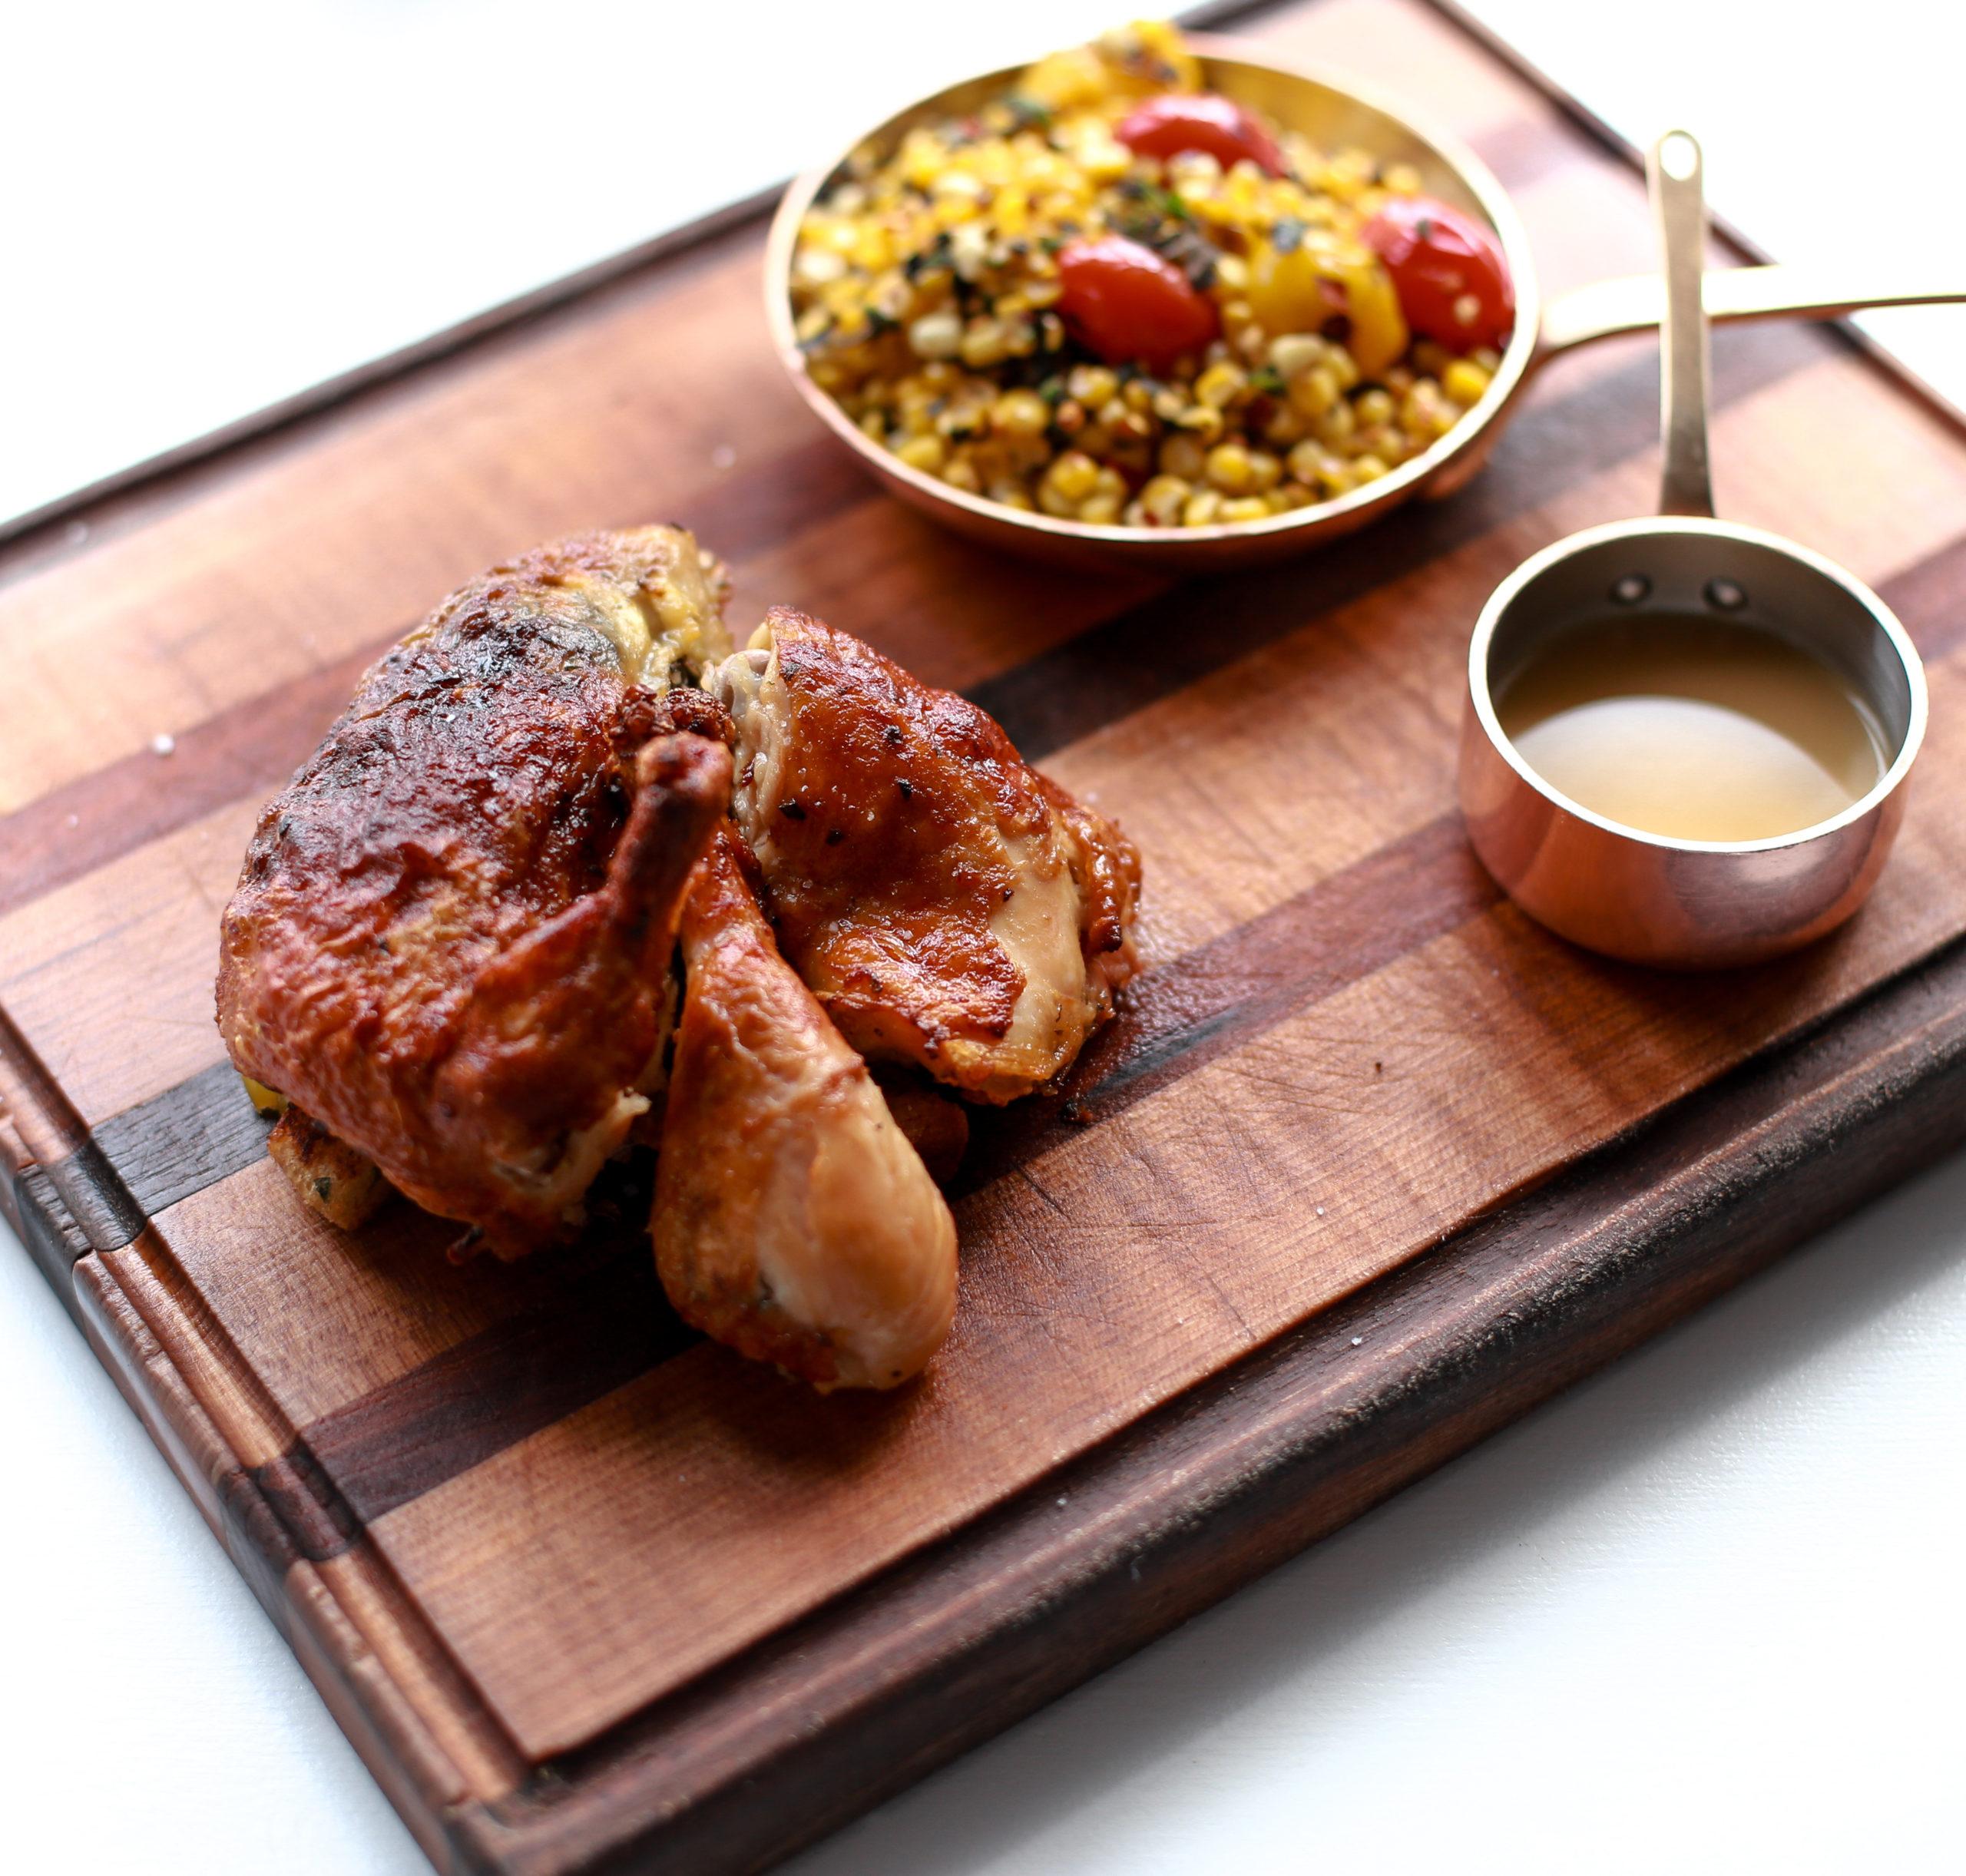 Split roast chicken at Highway Restaurant & Bar